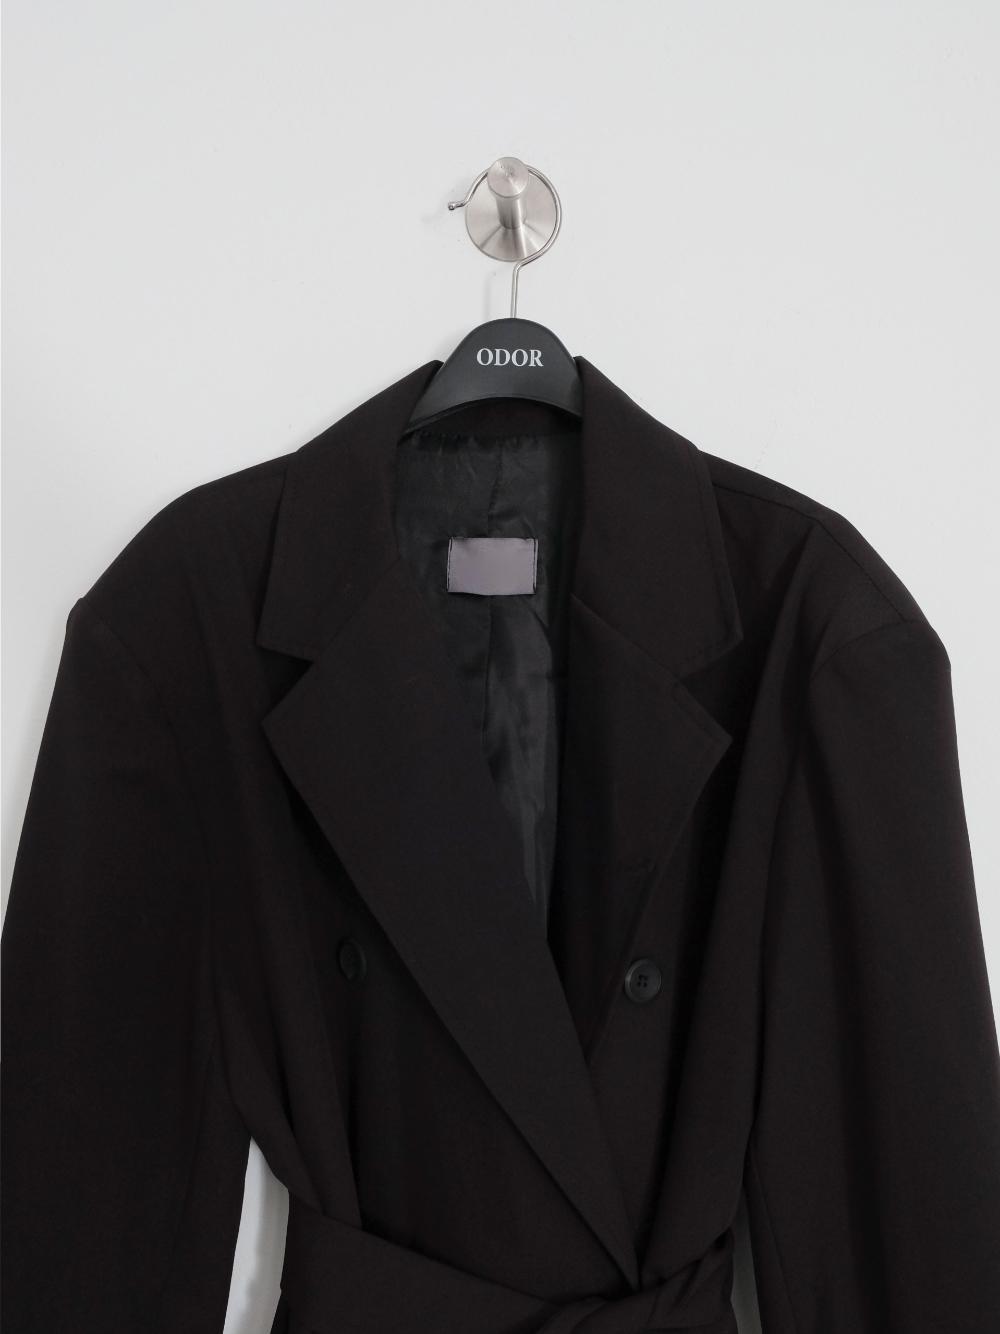 코트 상품상세 이미지-S1L60